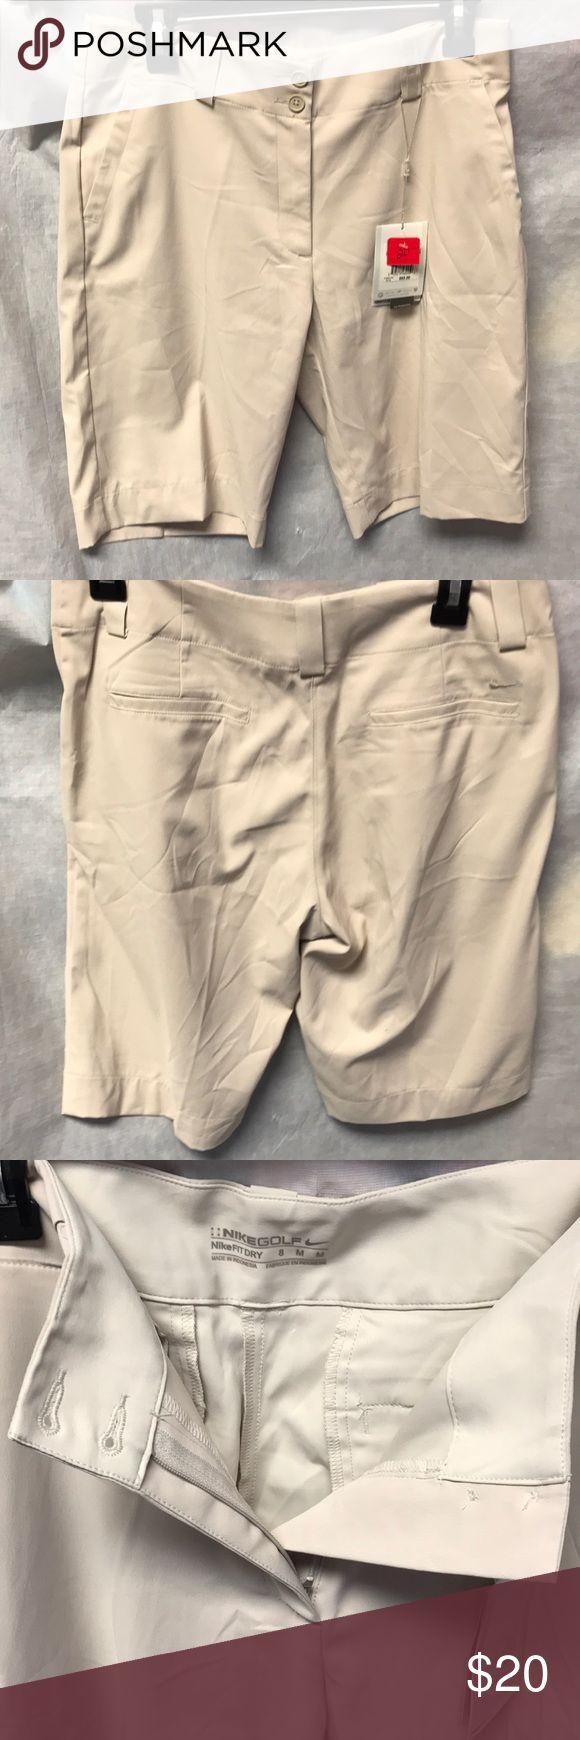 Nike golf shorts New. Size 8. Dry fit. Nike golf shorts Nike Shorts